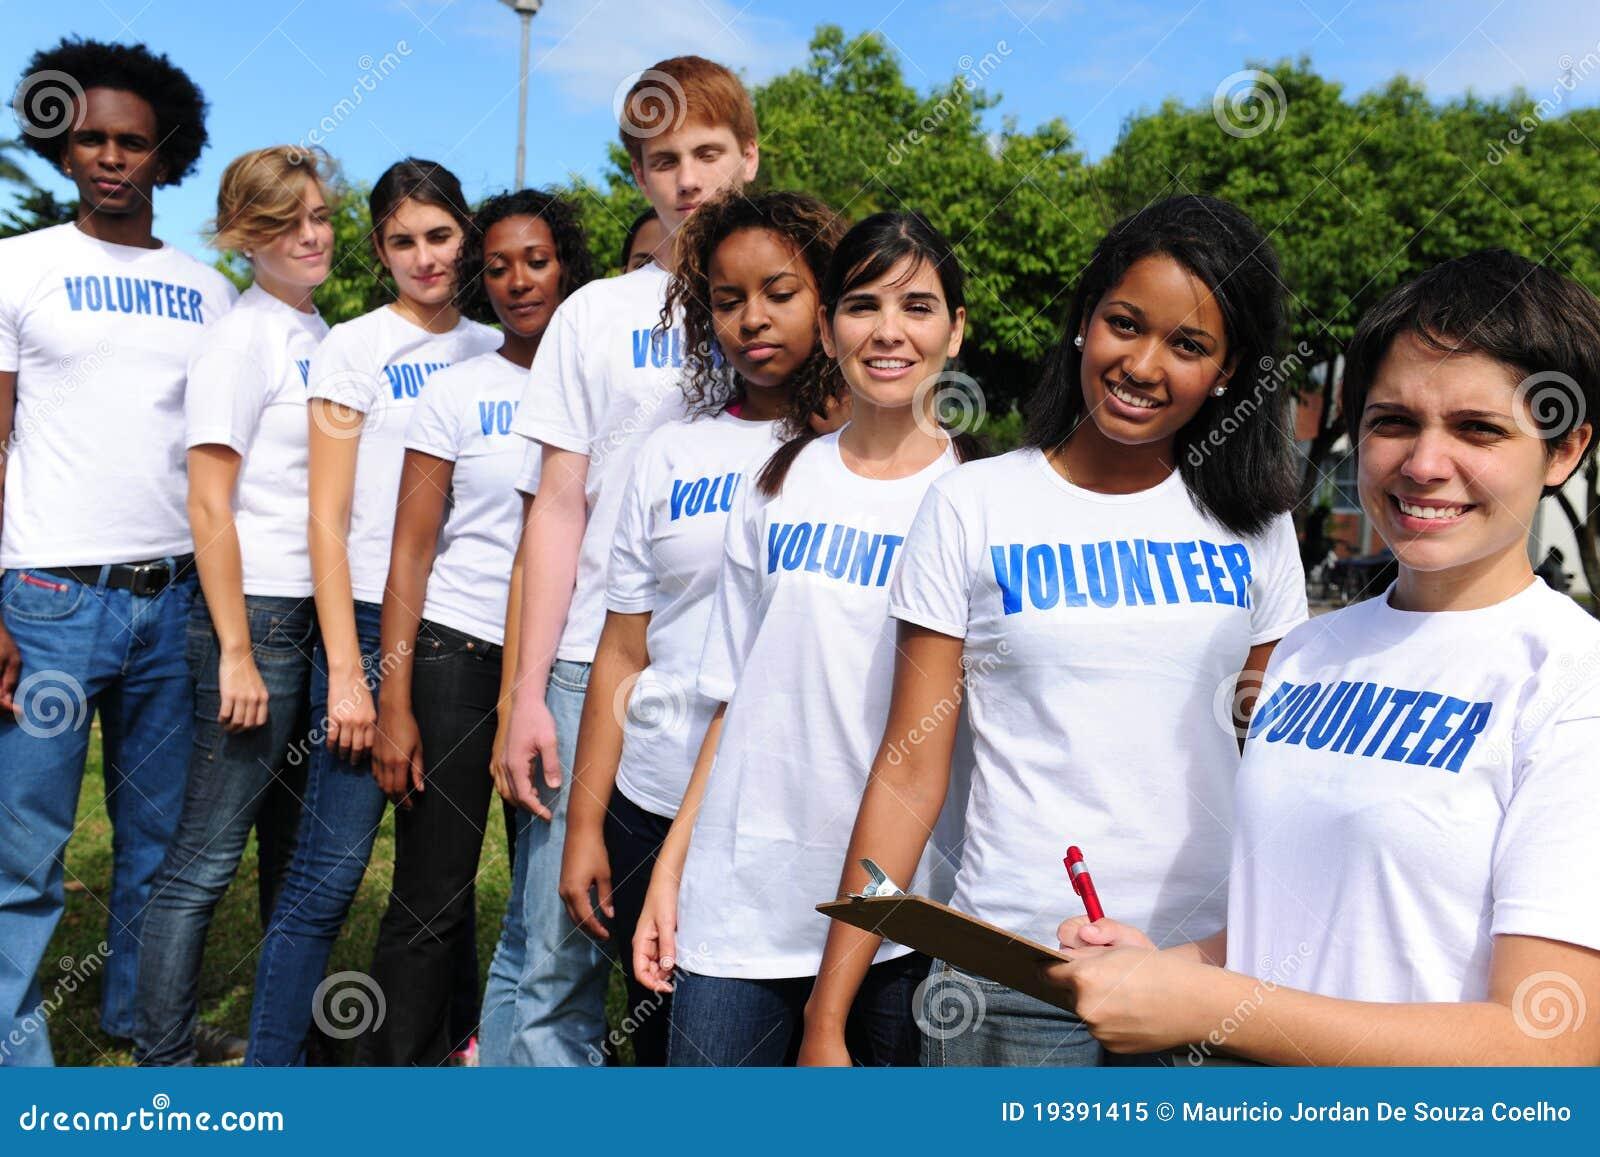 Registro voluntario del grupo para el acontecimiento